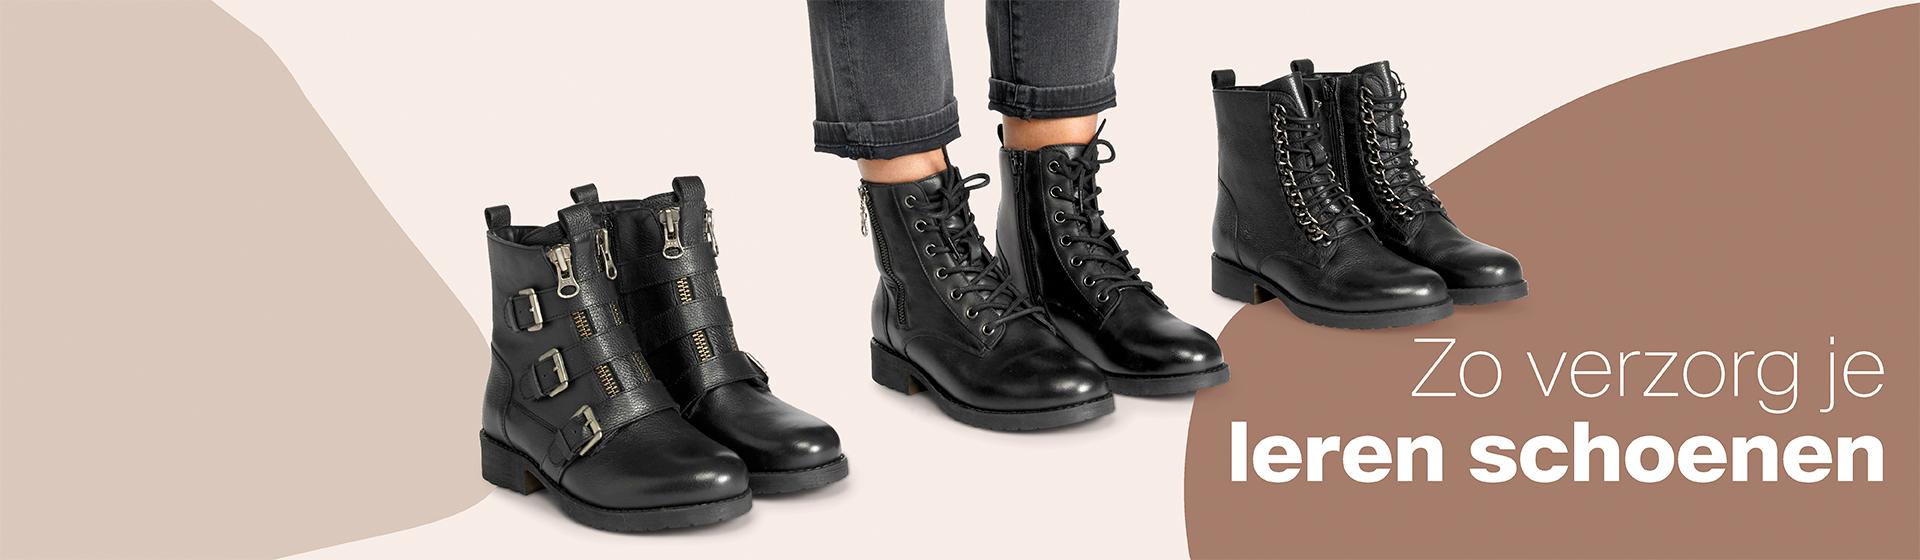 leren schoenen verzorgen